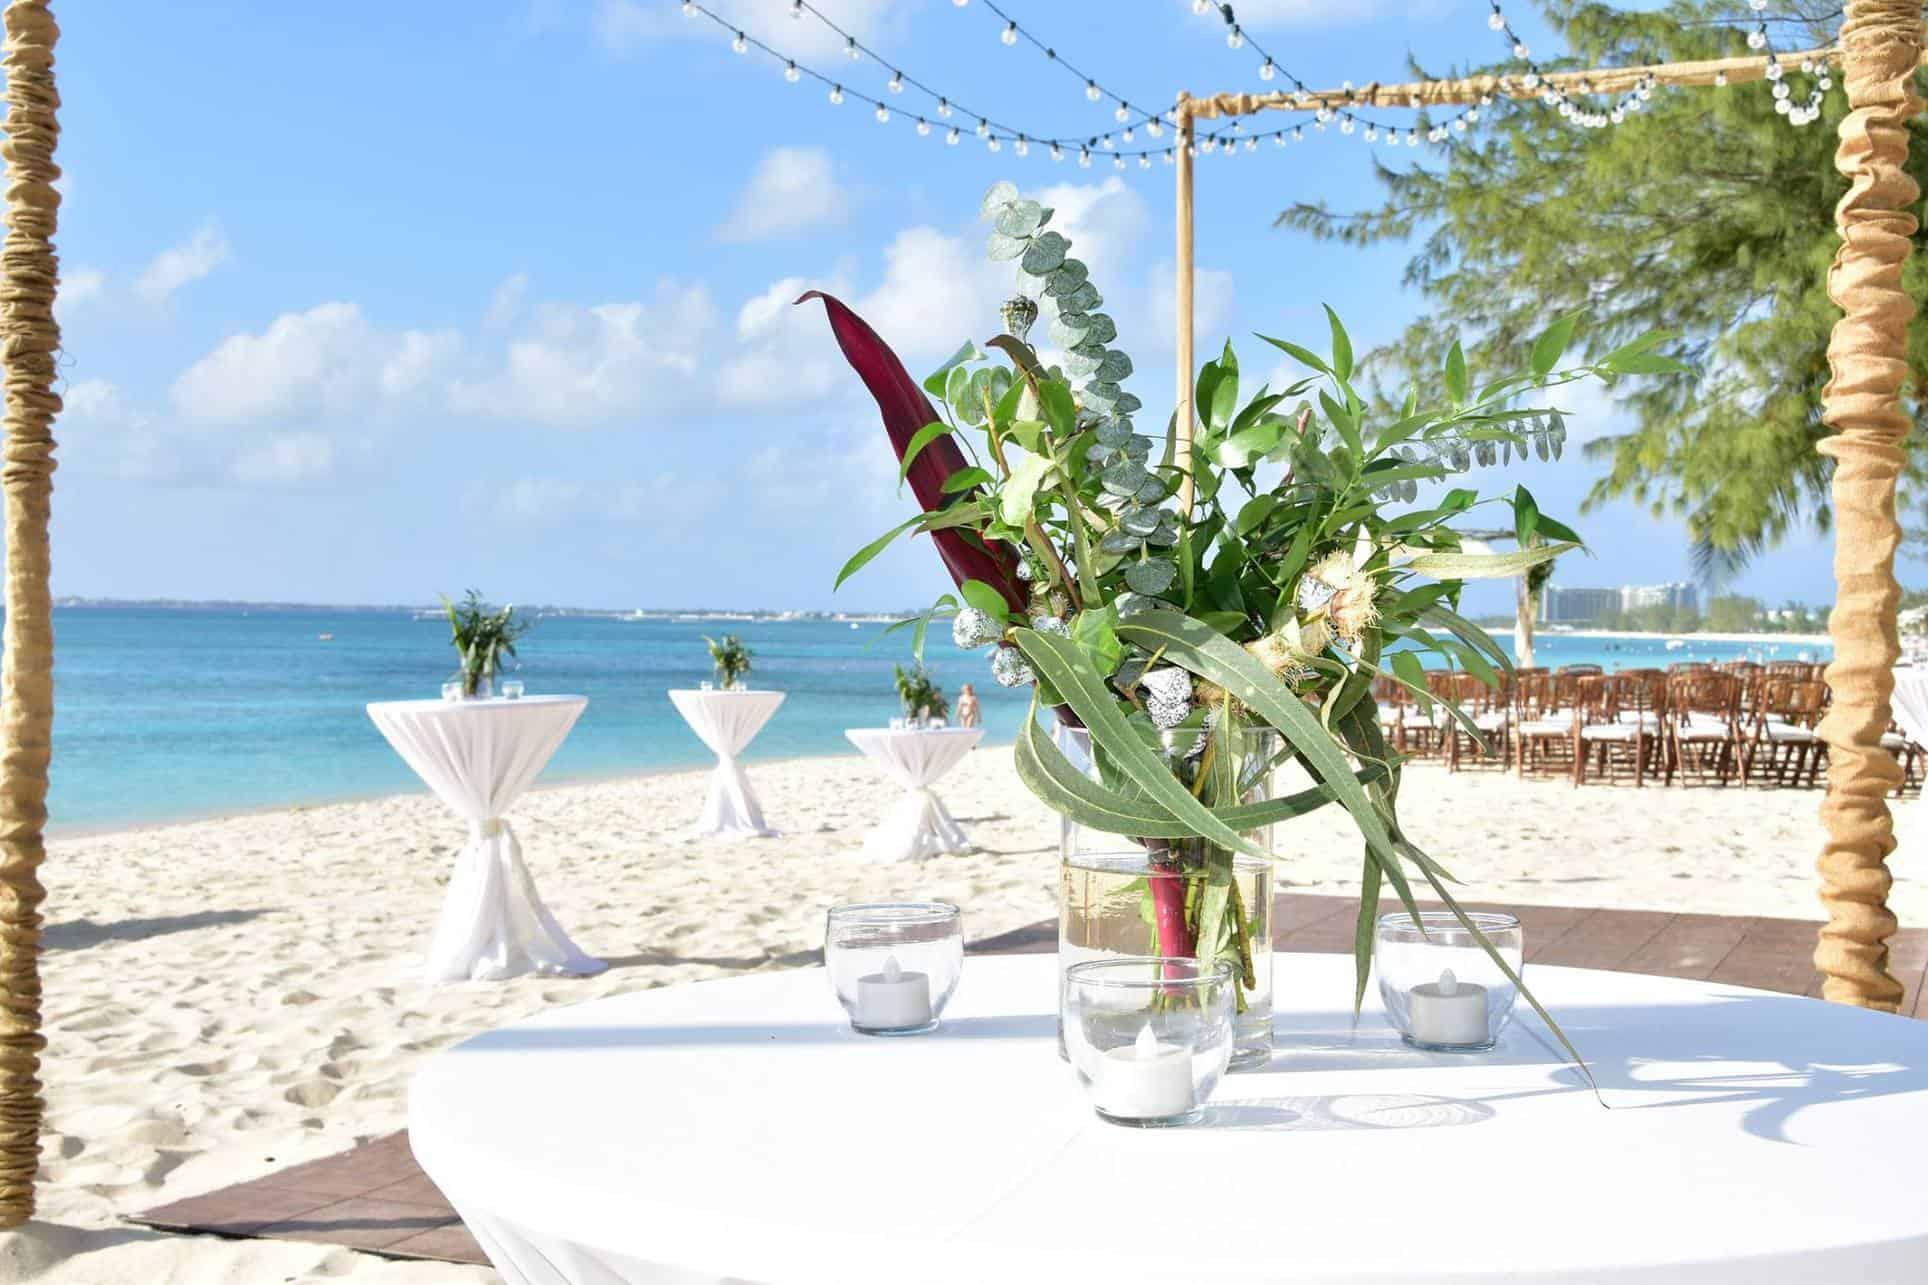 Boho Beach Wedding Centerpieces Tropical but ClassyBoho Beach Wedding Ceremony Reception